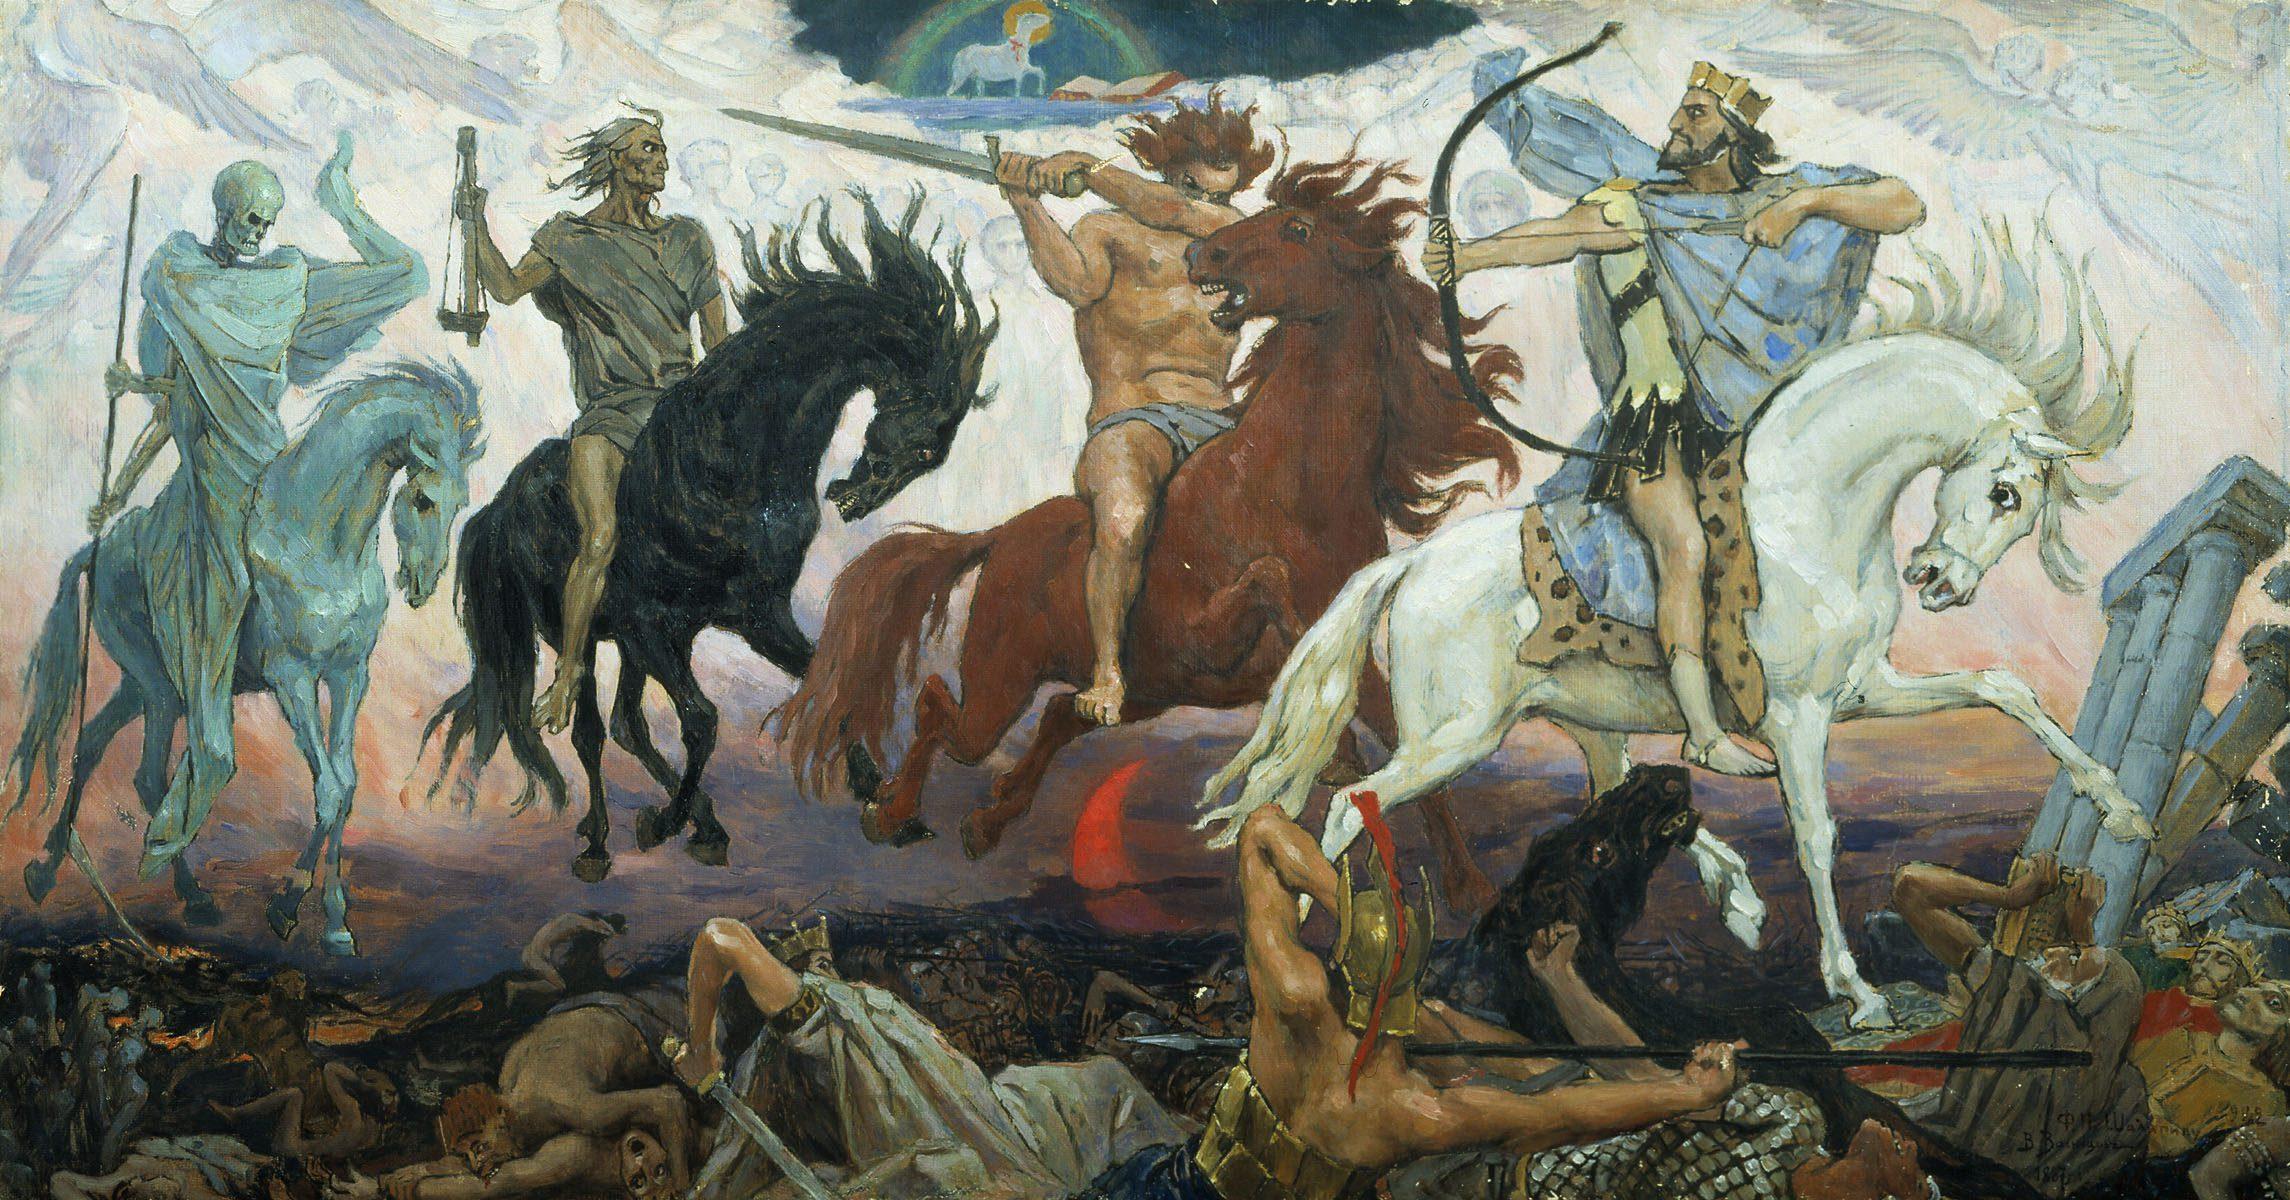 apocalypse vasnetsov - <b>Чому добро (не) перемагає зло.</b> Філософський експлейнер Заборони - Заборона